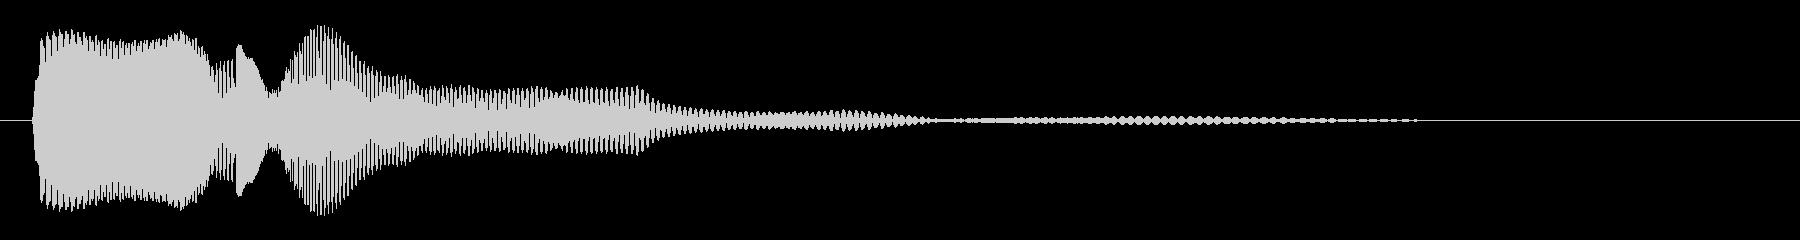 ビチュ〜ン(コミカル)の未再生の波形